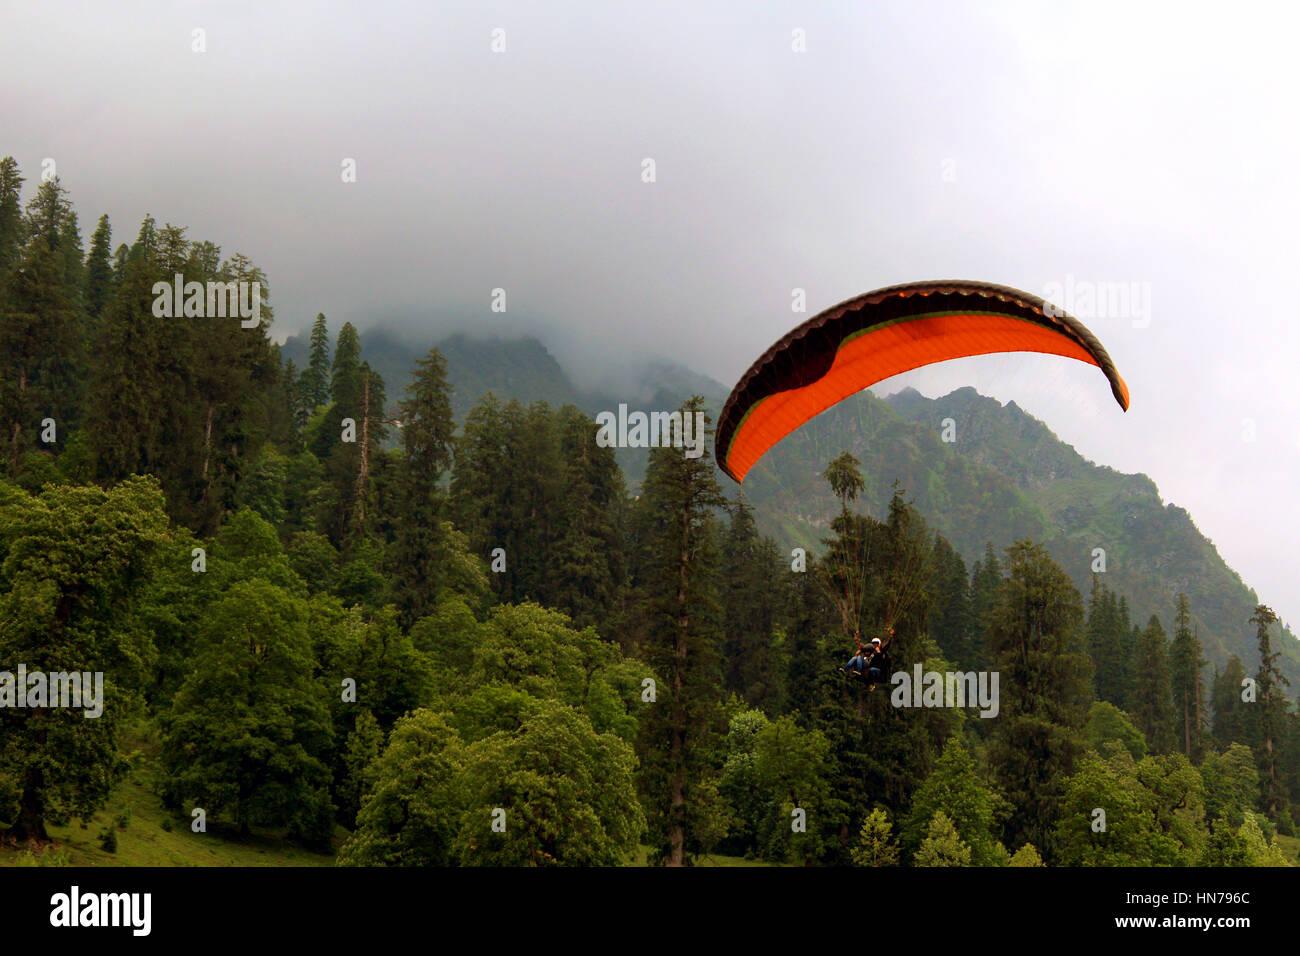 Paragliding at Solang Valley, Manali, Himachal Pradesh, India - Stock Image